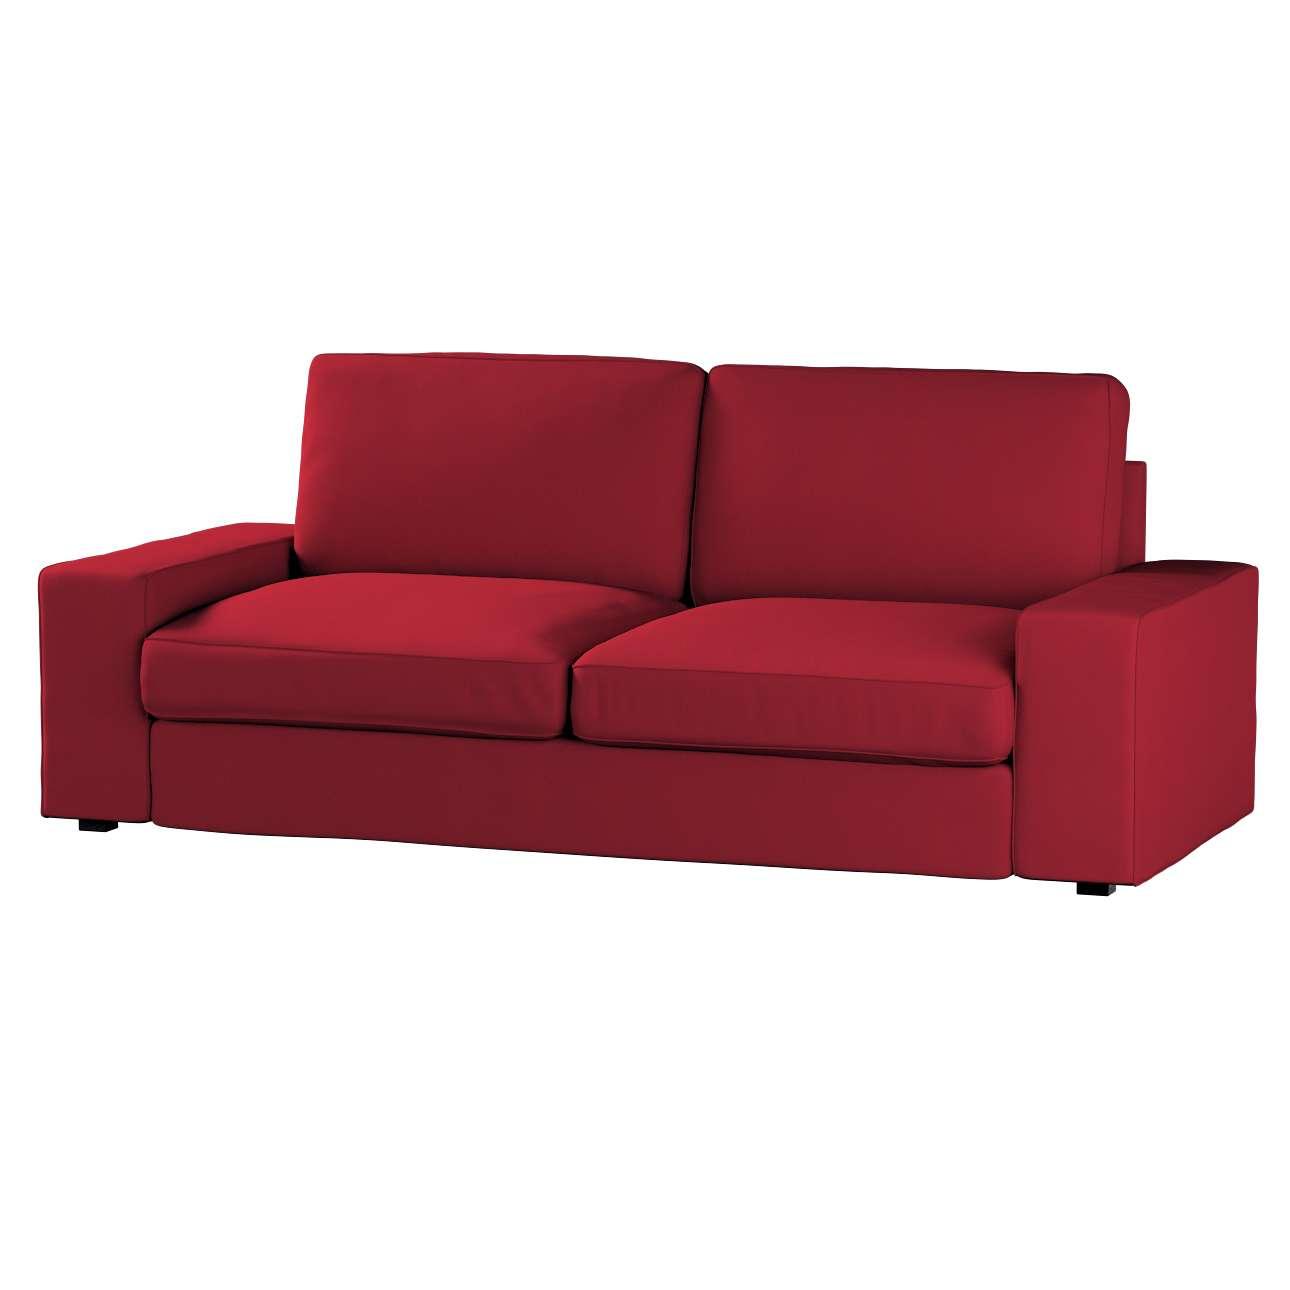 KIVIK trivietės sofos užvalkalas Kivik 3-seat sofa kolekcijoje Chenille, audinys: 702-24